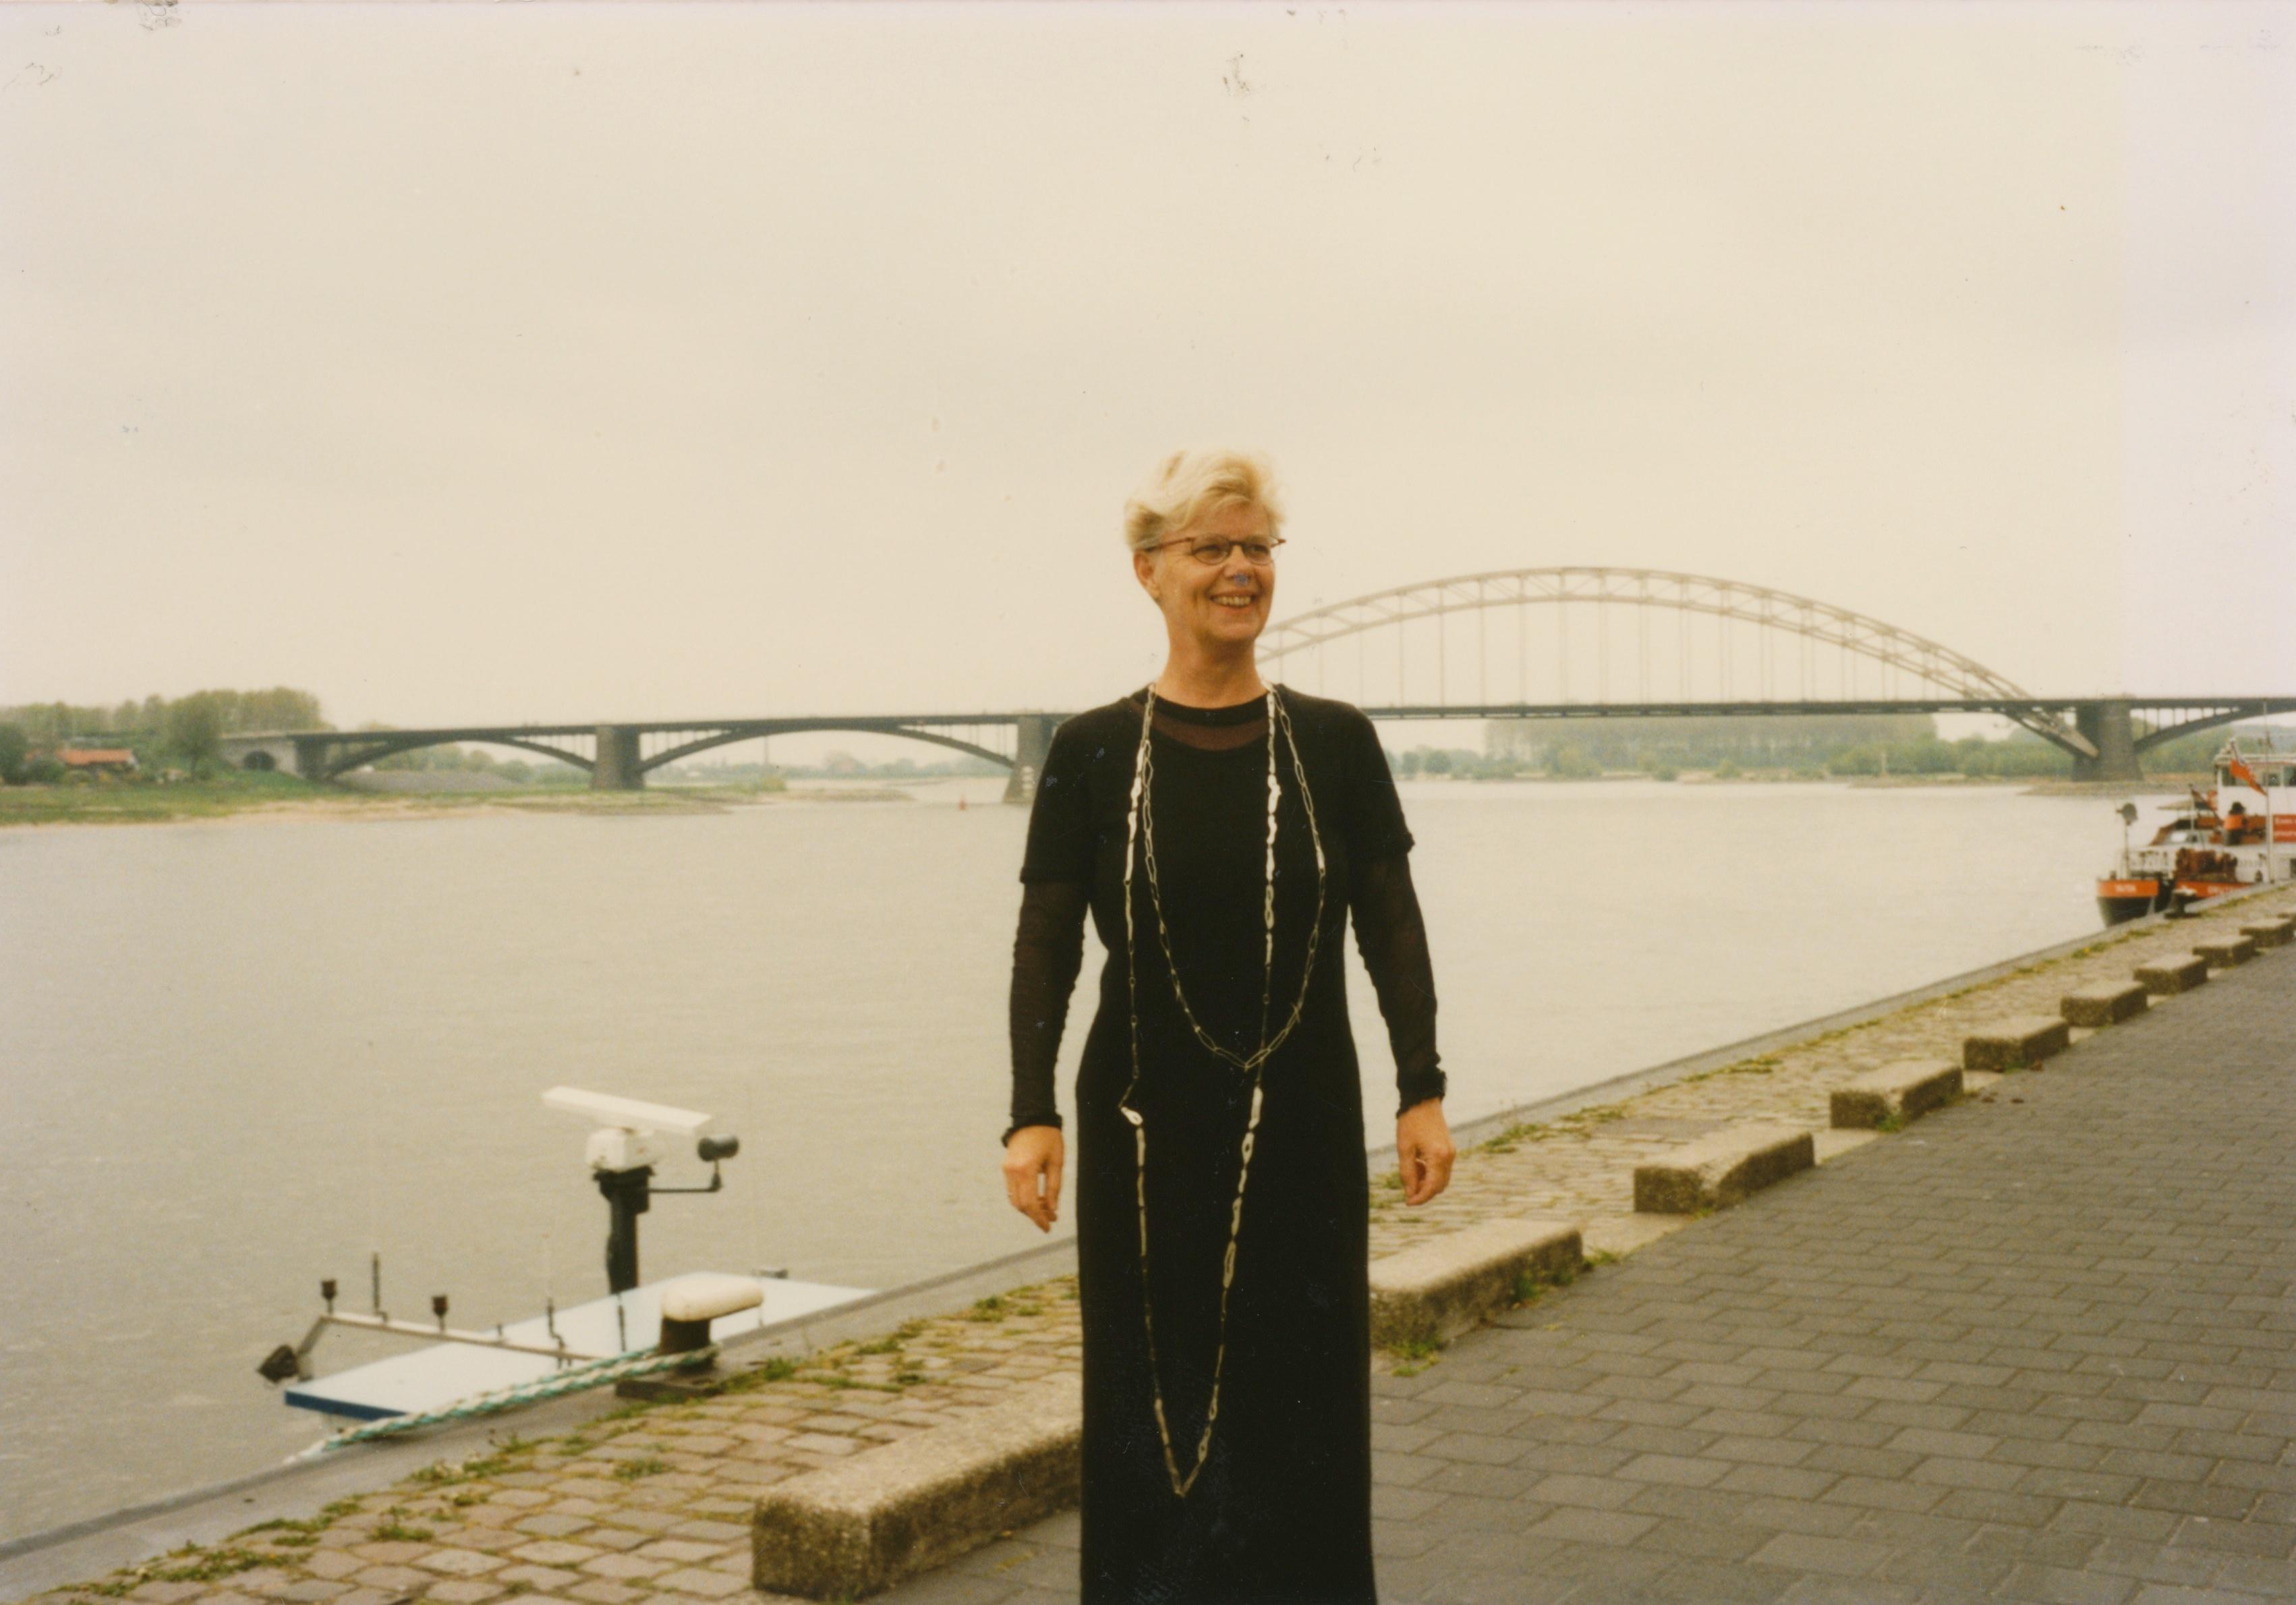 Claartje Keur, Zelfportret met halssieraad van Annelies Planteijdt, Nijmegen, Waalkade, 12 mei 1996. Foto Claartje Keur